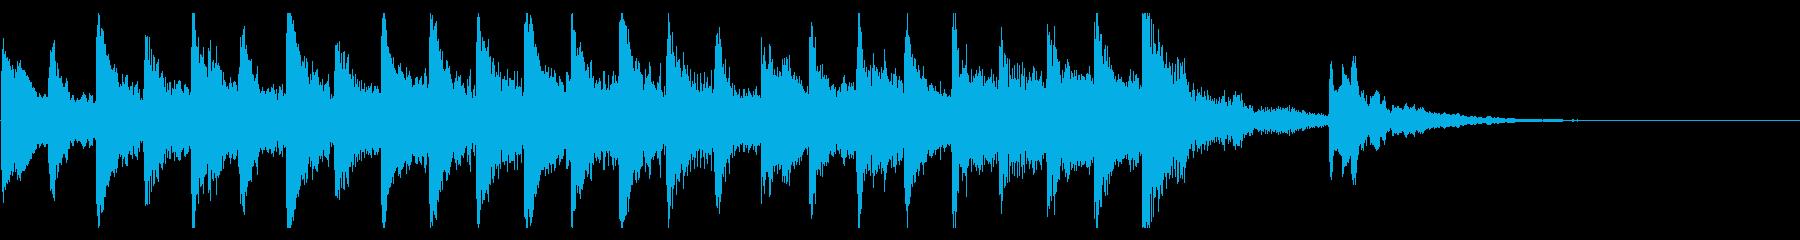 マリンバで作った10秒のジングルです。の再生済みの波形